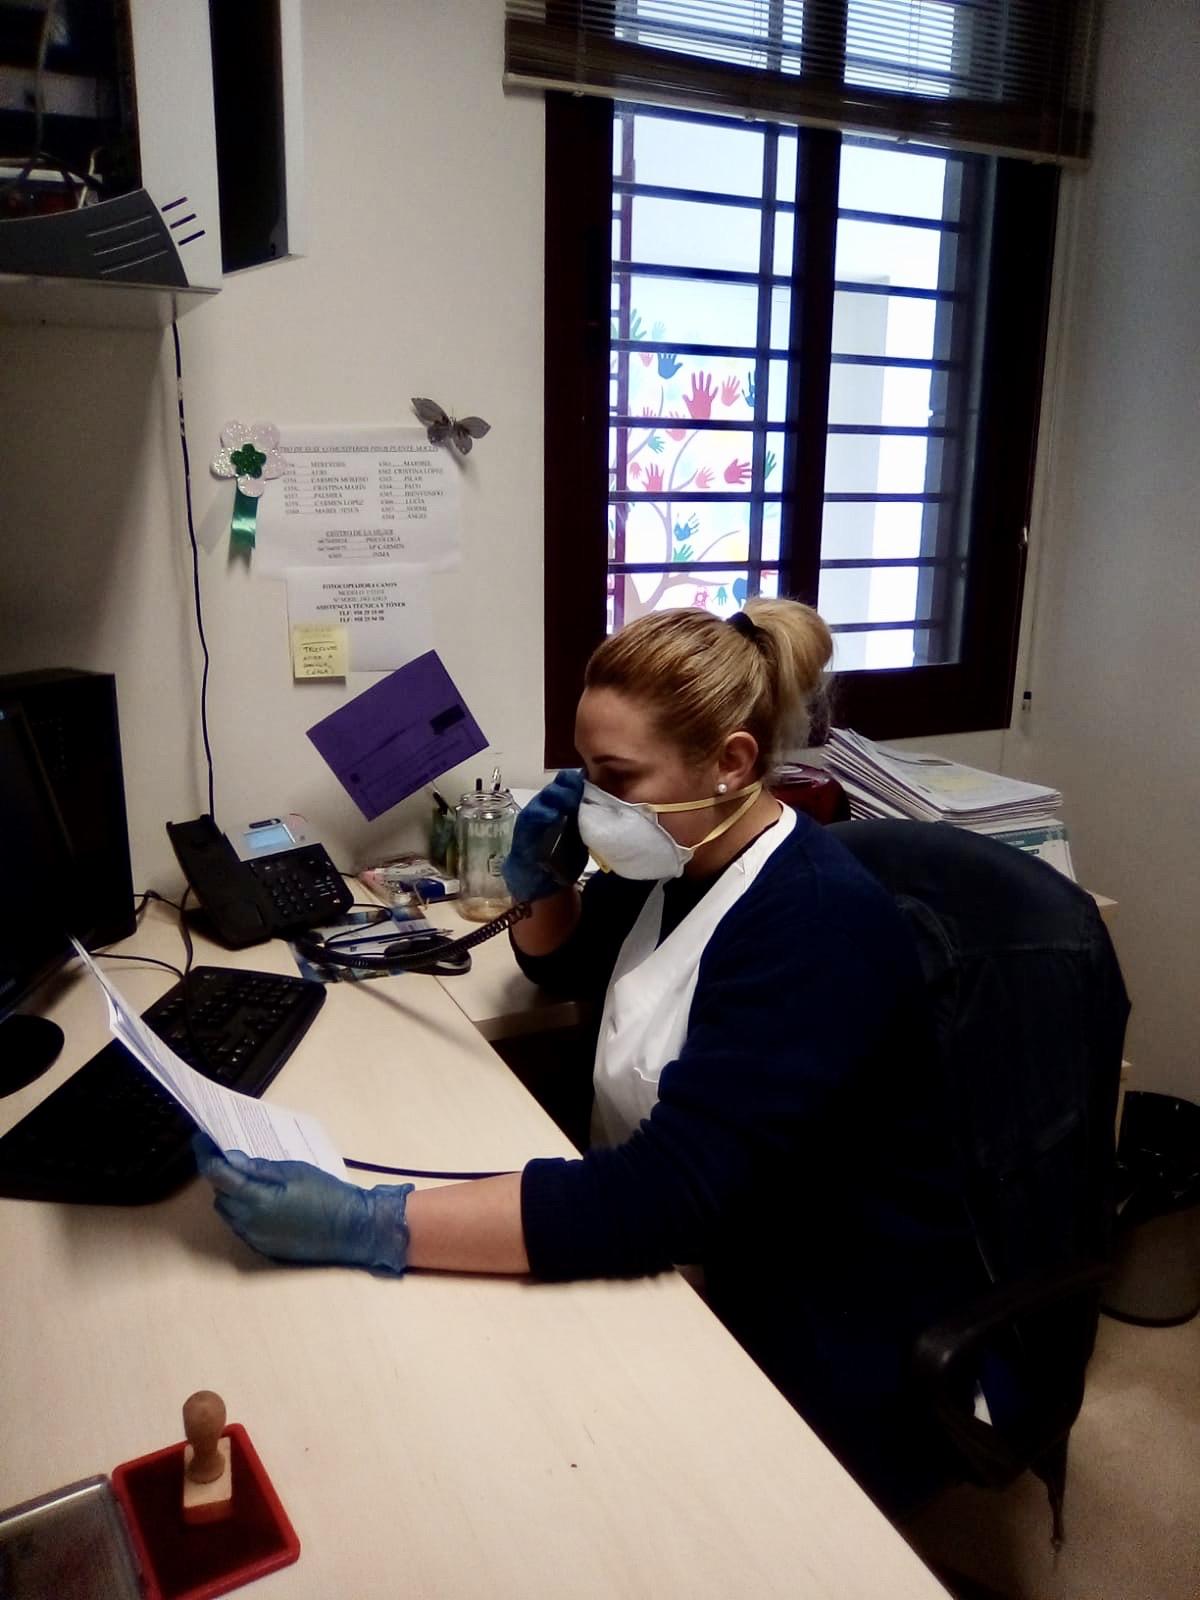 Exigen pruebas PCR de detección del COVID-19 al personal y usuarios de la ayuda a domicilio en Granada